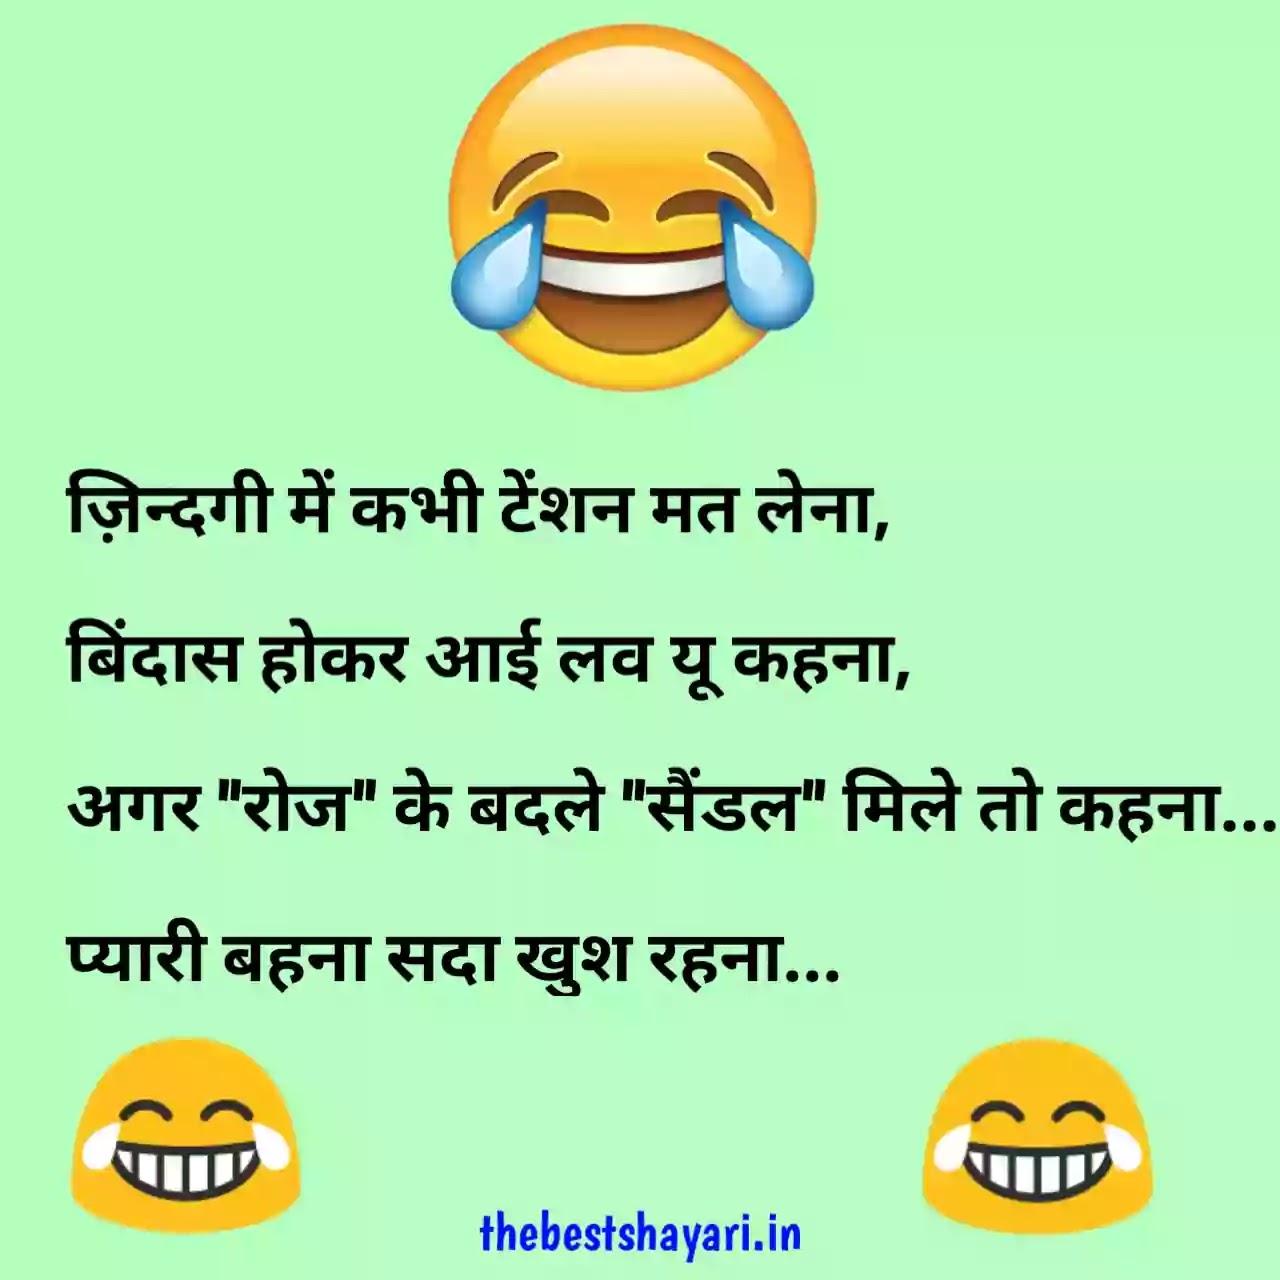 Hindi funny shayari jokes